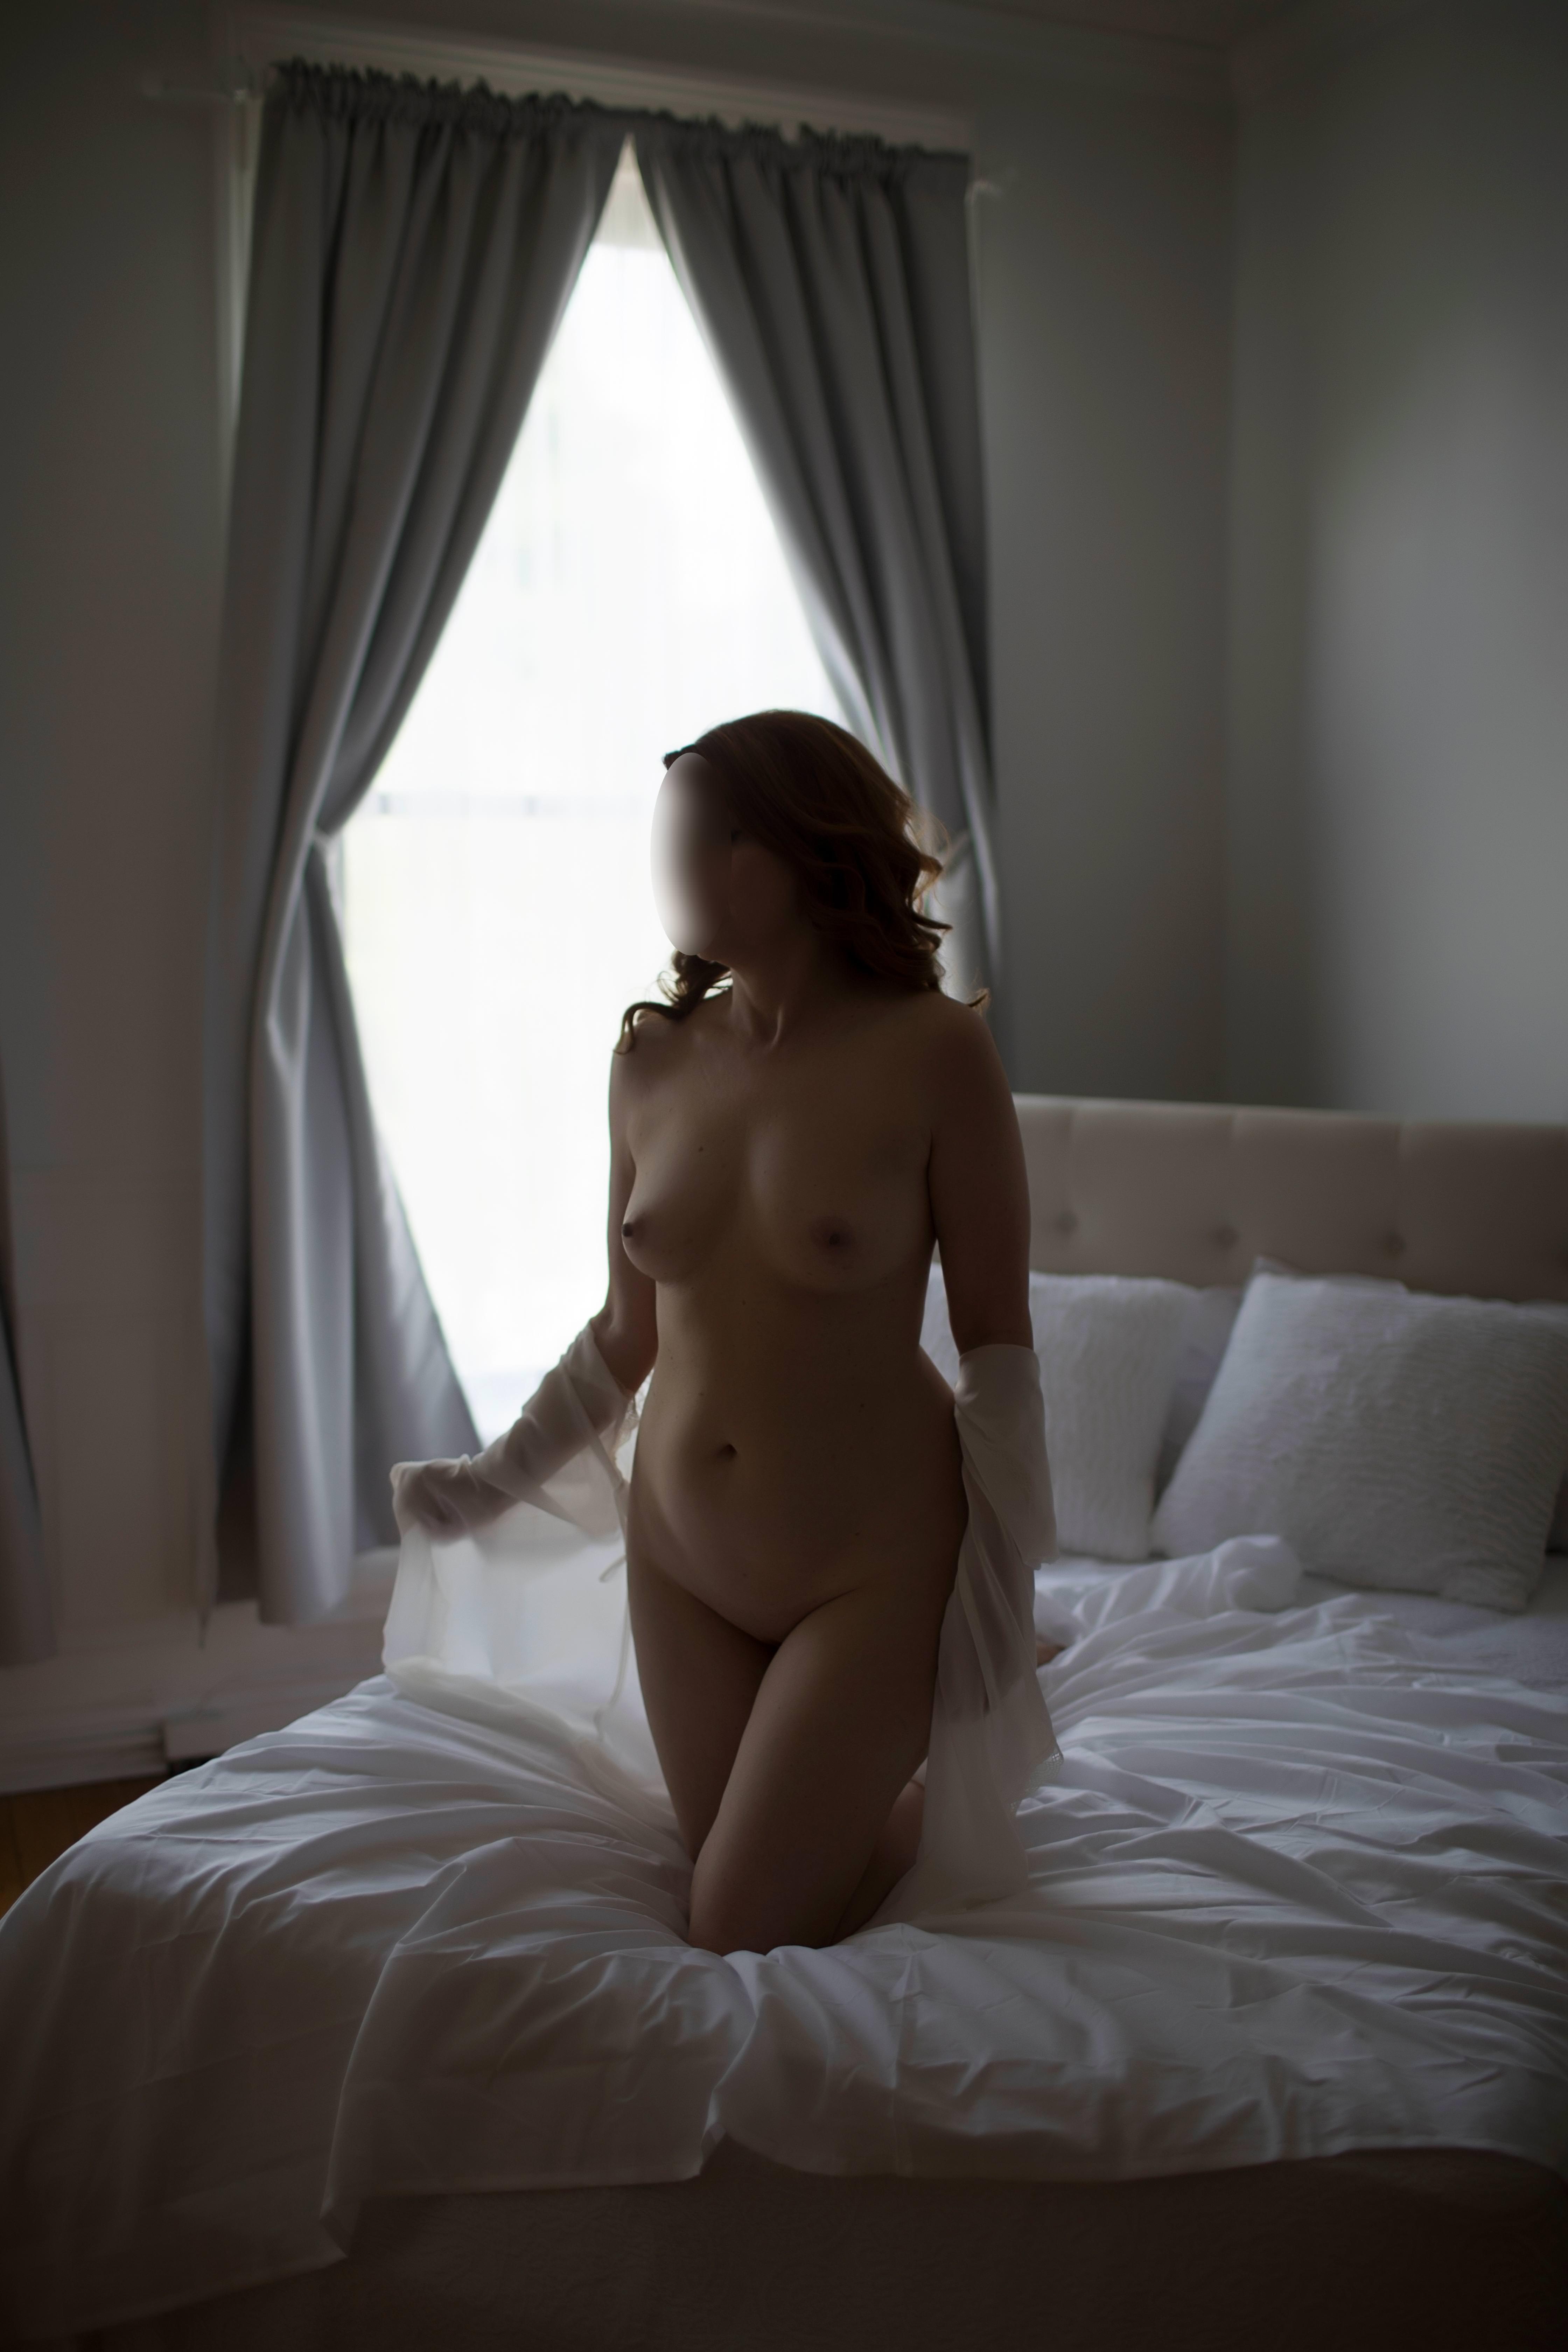 Naked bath lad pics